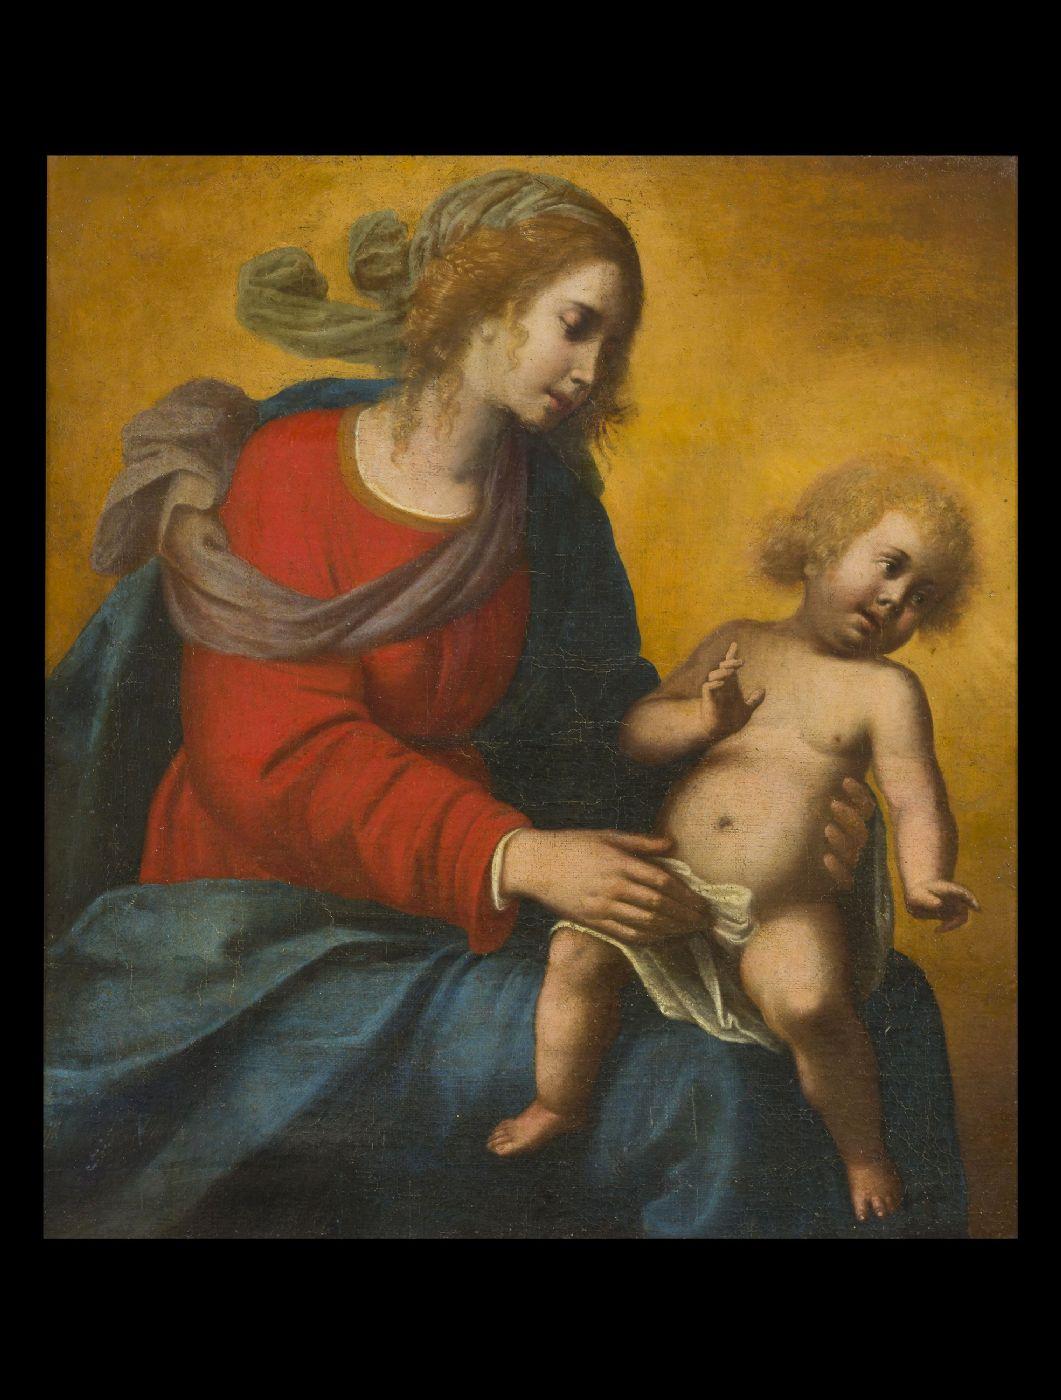 thumb2|Mario Balassi (Firenze 1604 -1667) - Madonna con Bambino